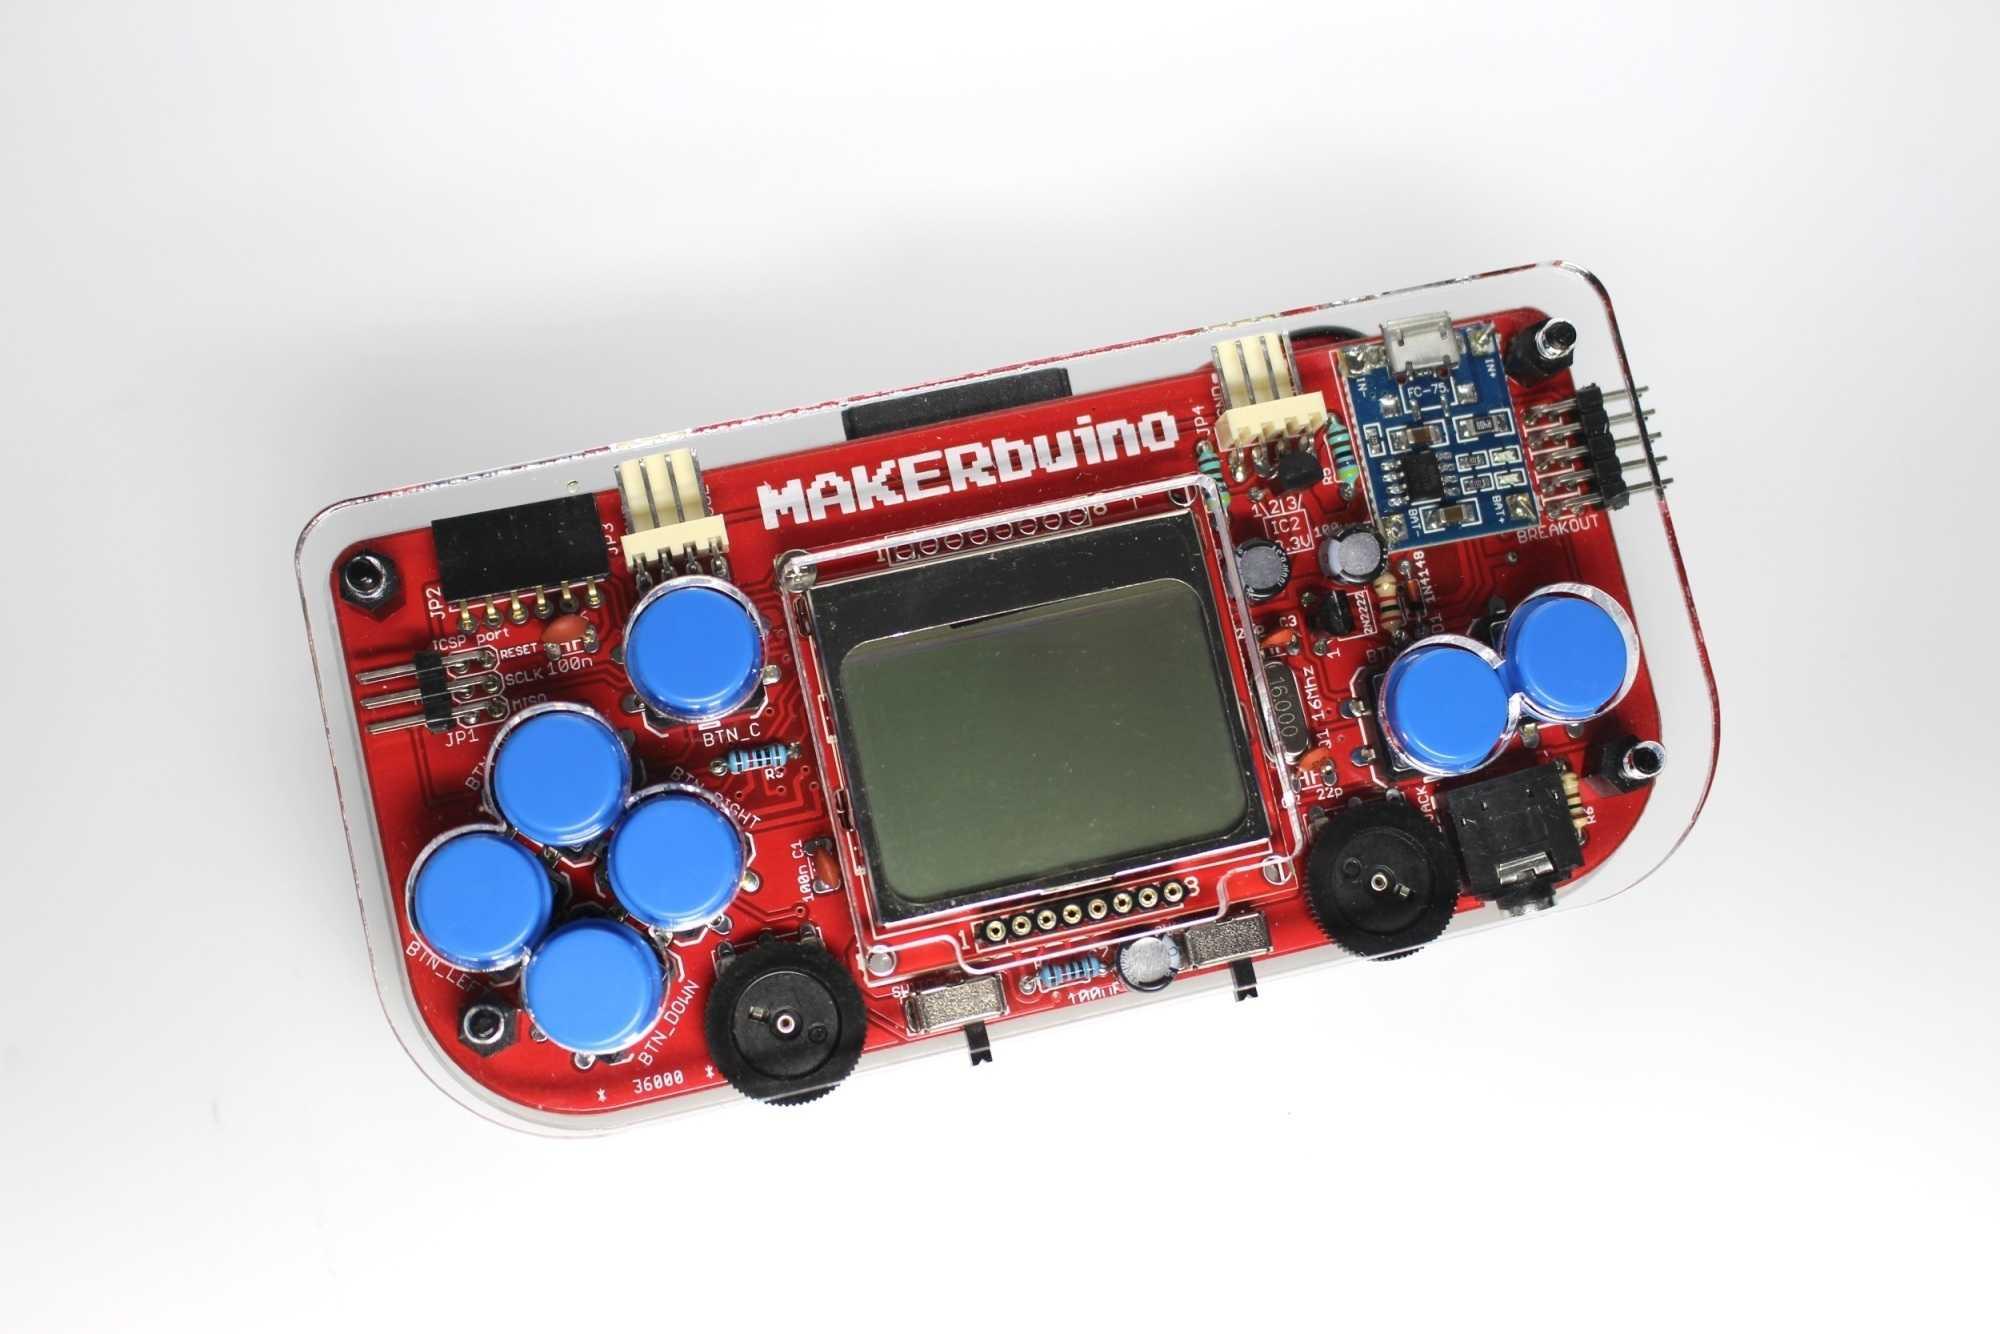 Zusammengebauter Makerbuino in durchsichtigem Gehäuse